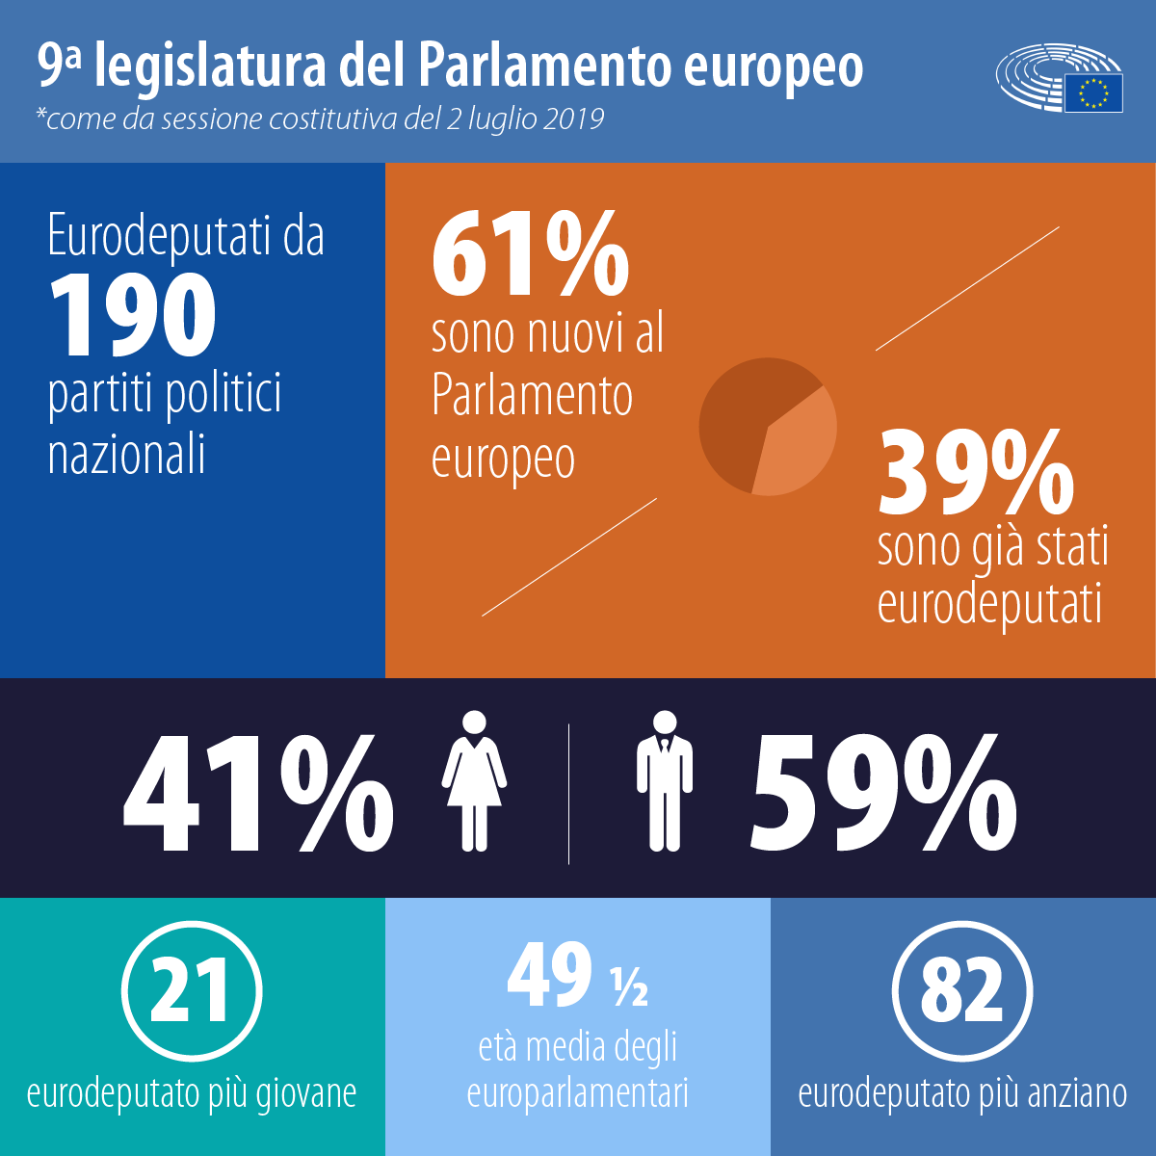 Infografica sui numeri del nuovo Parlamento europeo